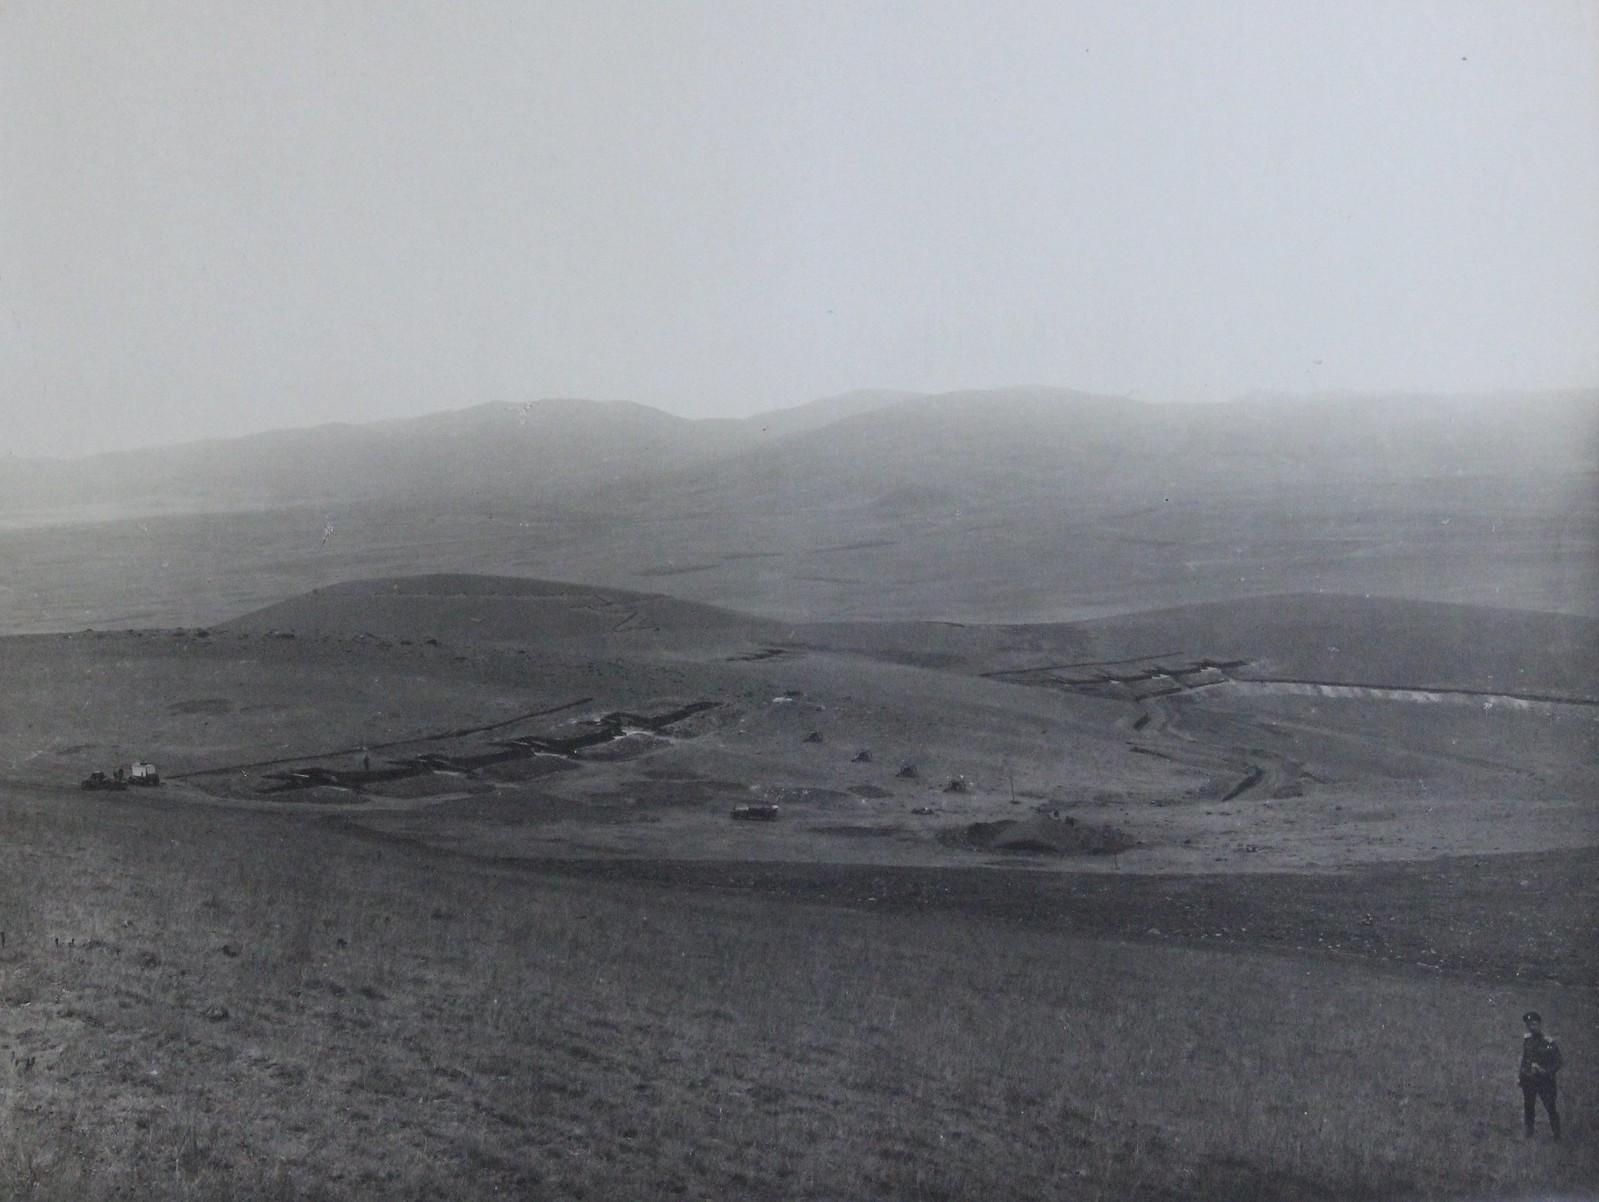 Вид на две тяжёлые крепостные батареи 6-дм пушек в 120 (или в 190) пудов на левом фланге передовых позиций близ деревни Маханда